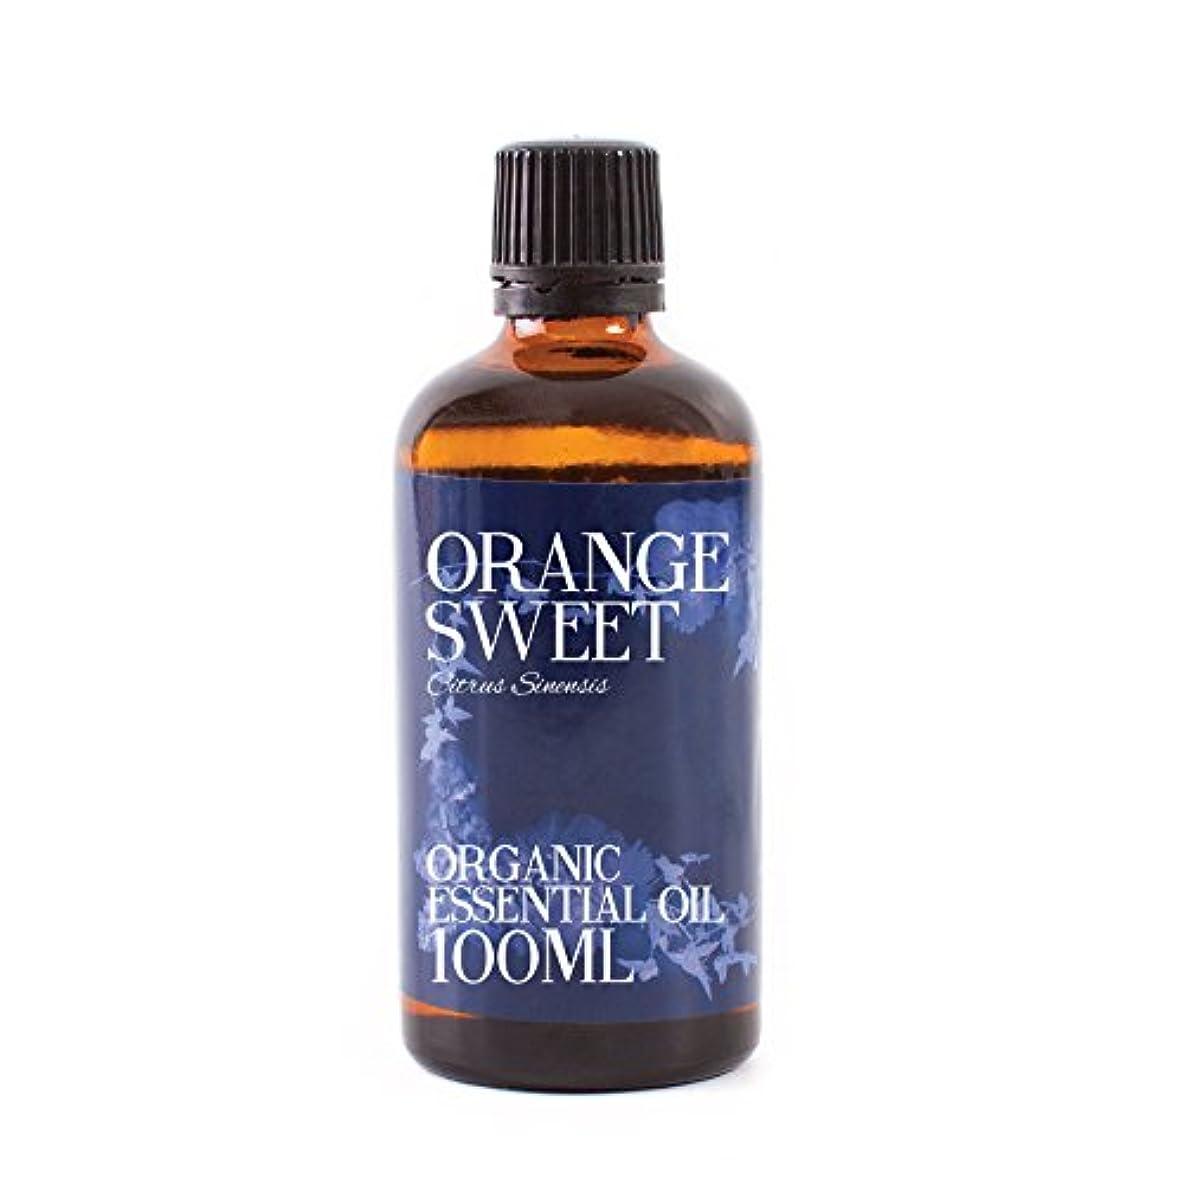 評判デイジー机Mystic Moments | Orange Sweet Organic Essential Oil - 100ml - 100% Pure